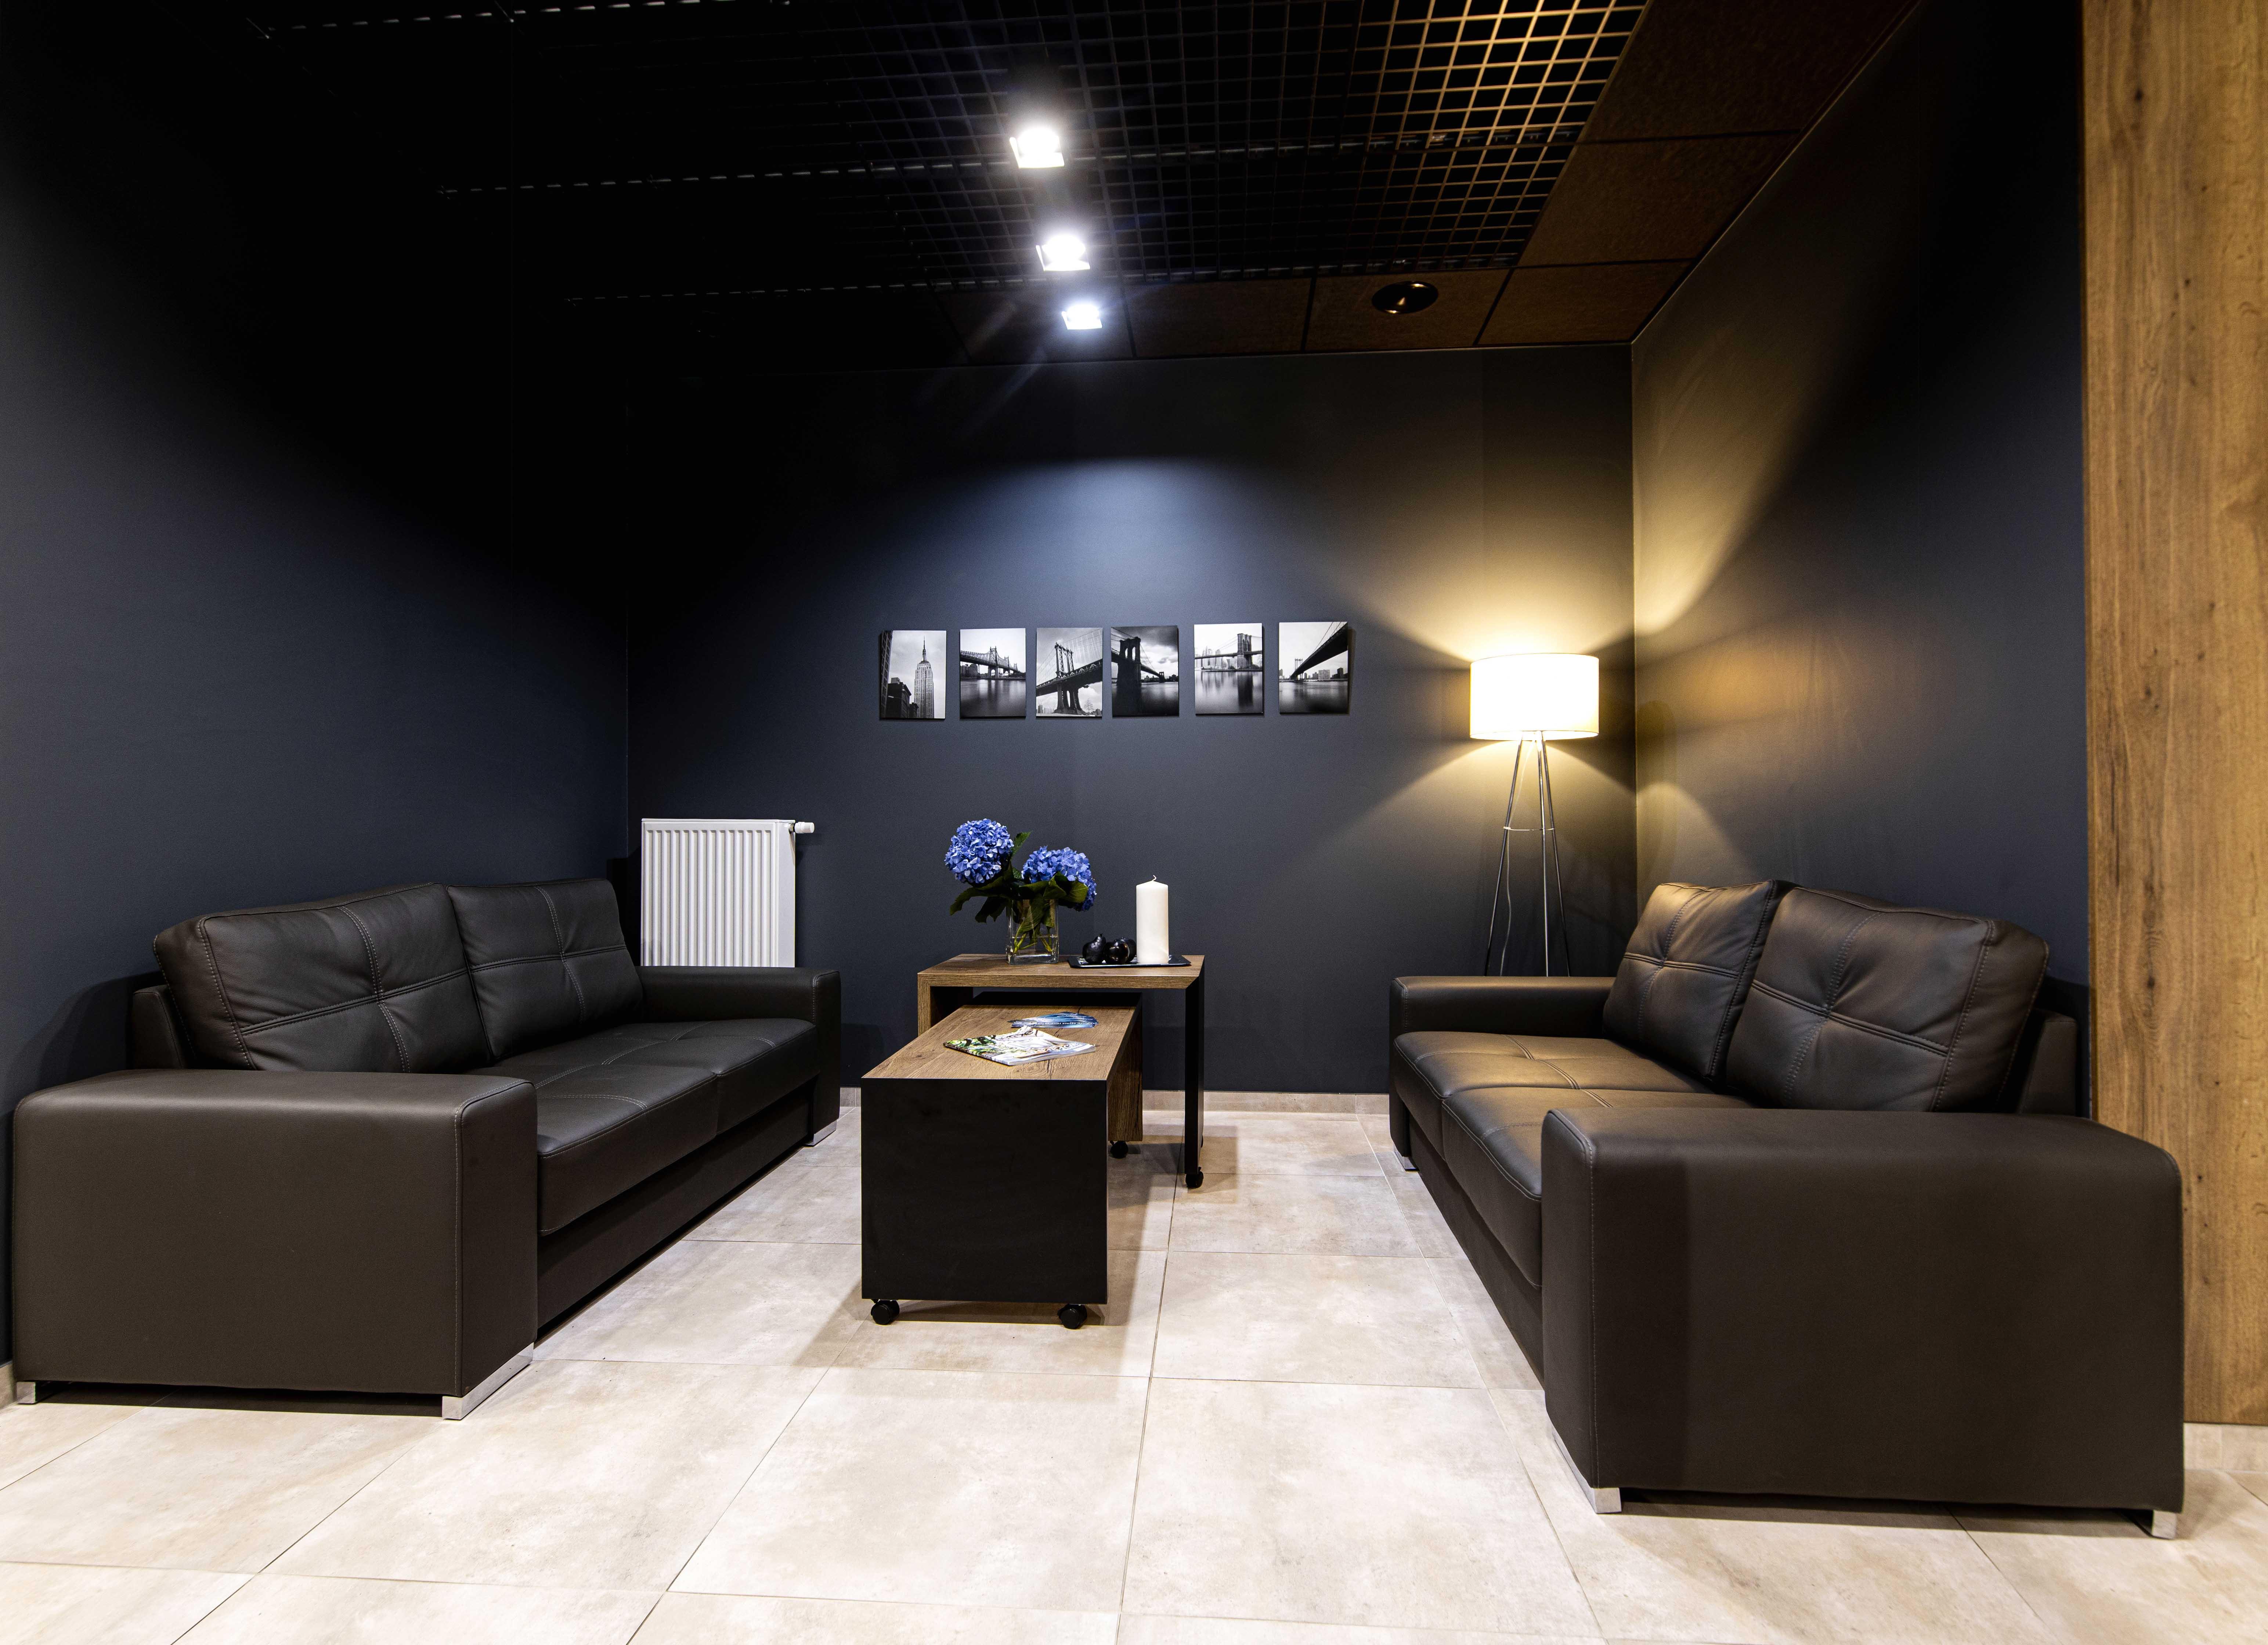 Marika Kafar. Czarne ściany i dobrze dobrane oświetlenie sprawiają, że wnętrze jest przytulniejsze.